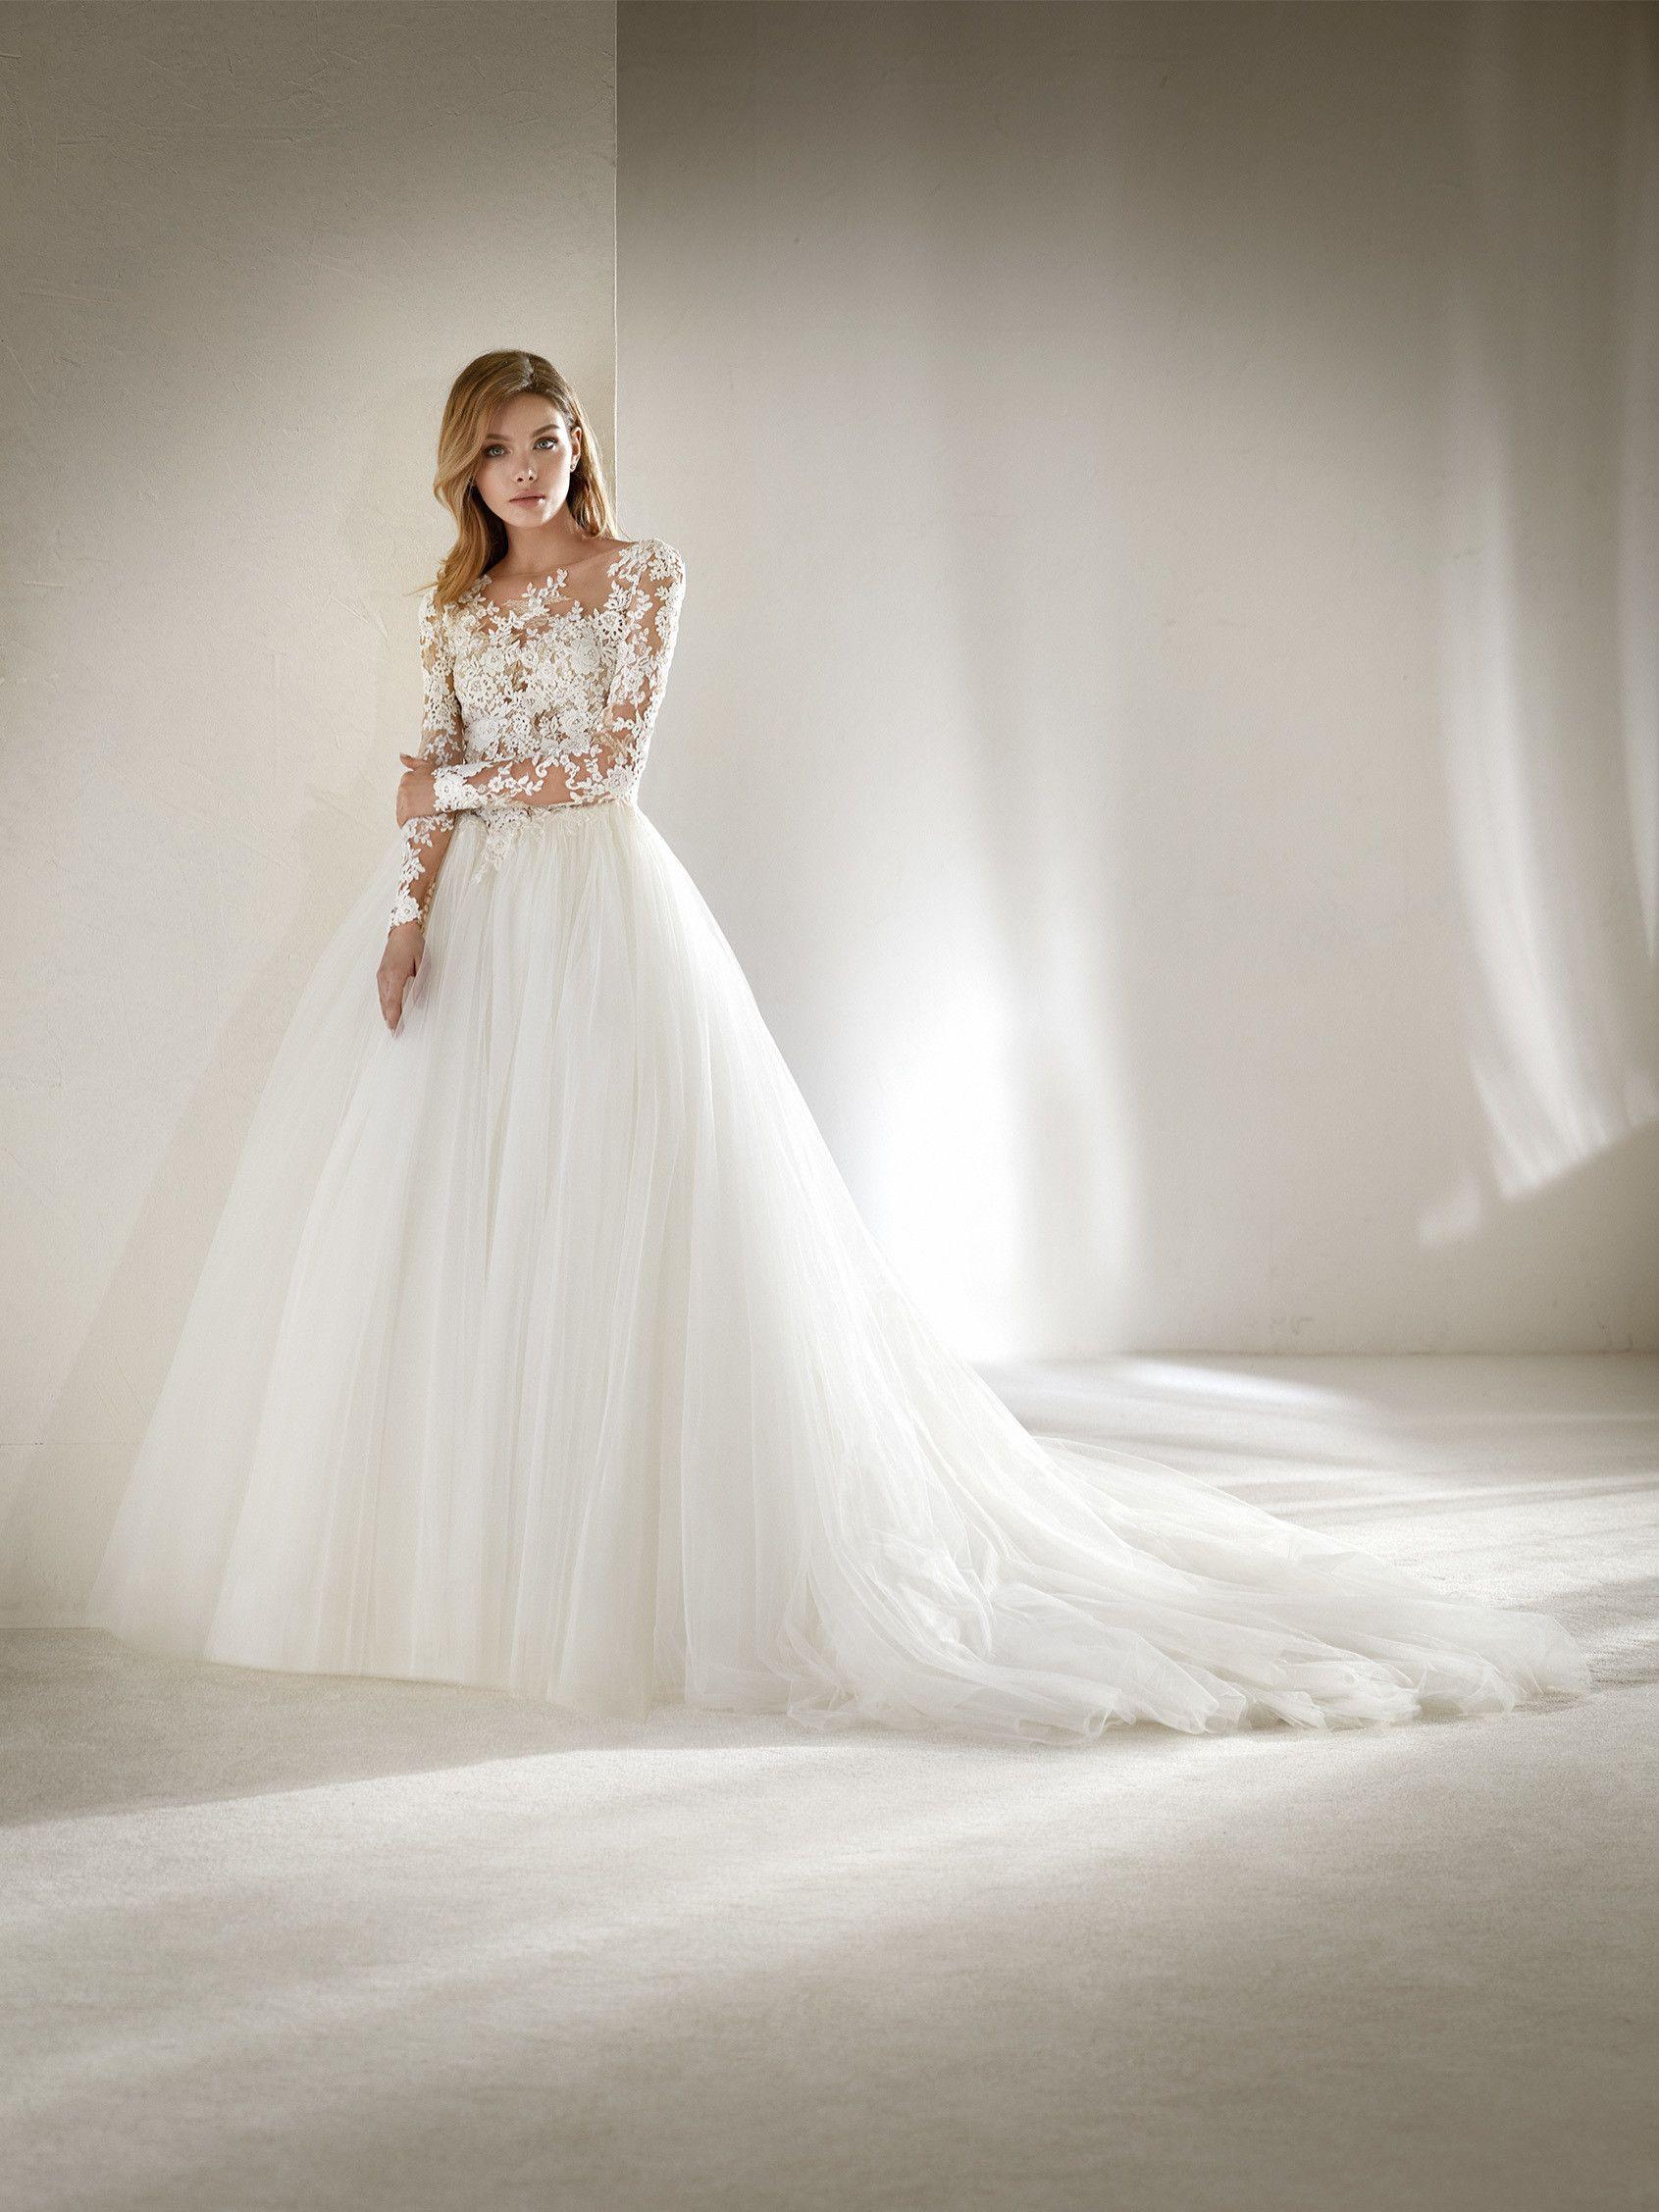 Dopal Petite #pronovias #weddingdress | Zierliche